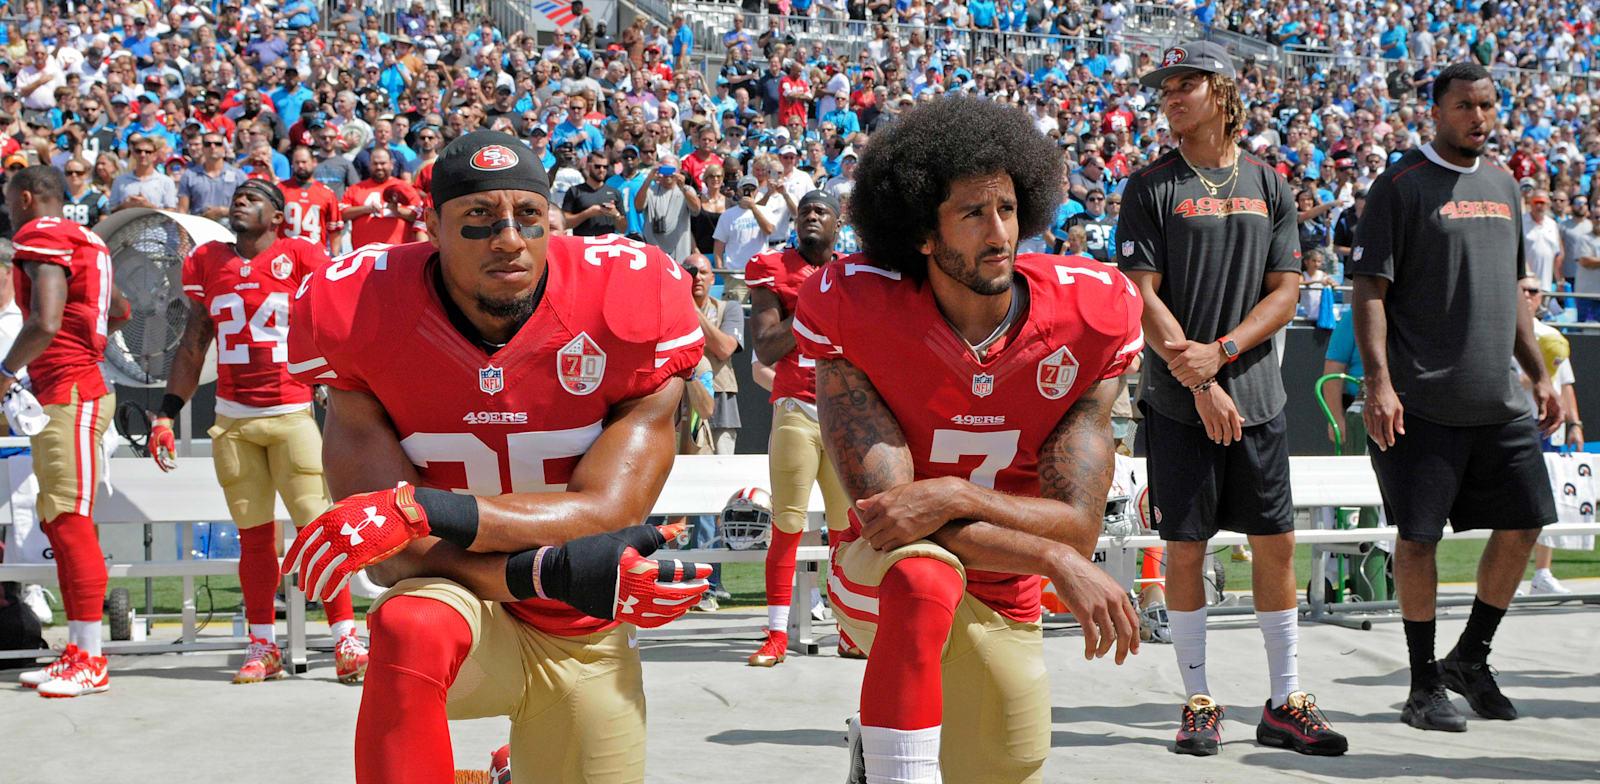 קולין קפרניק ואריק ריד כורעים ברך כאות מחאה / צילום: Associated Press, Mike McCarn